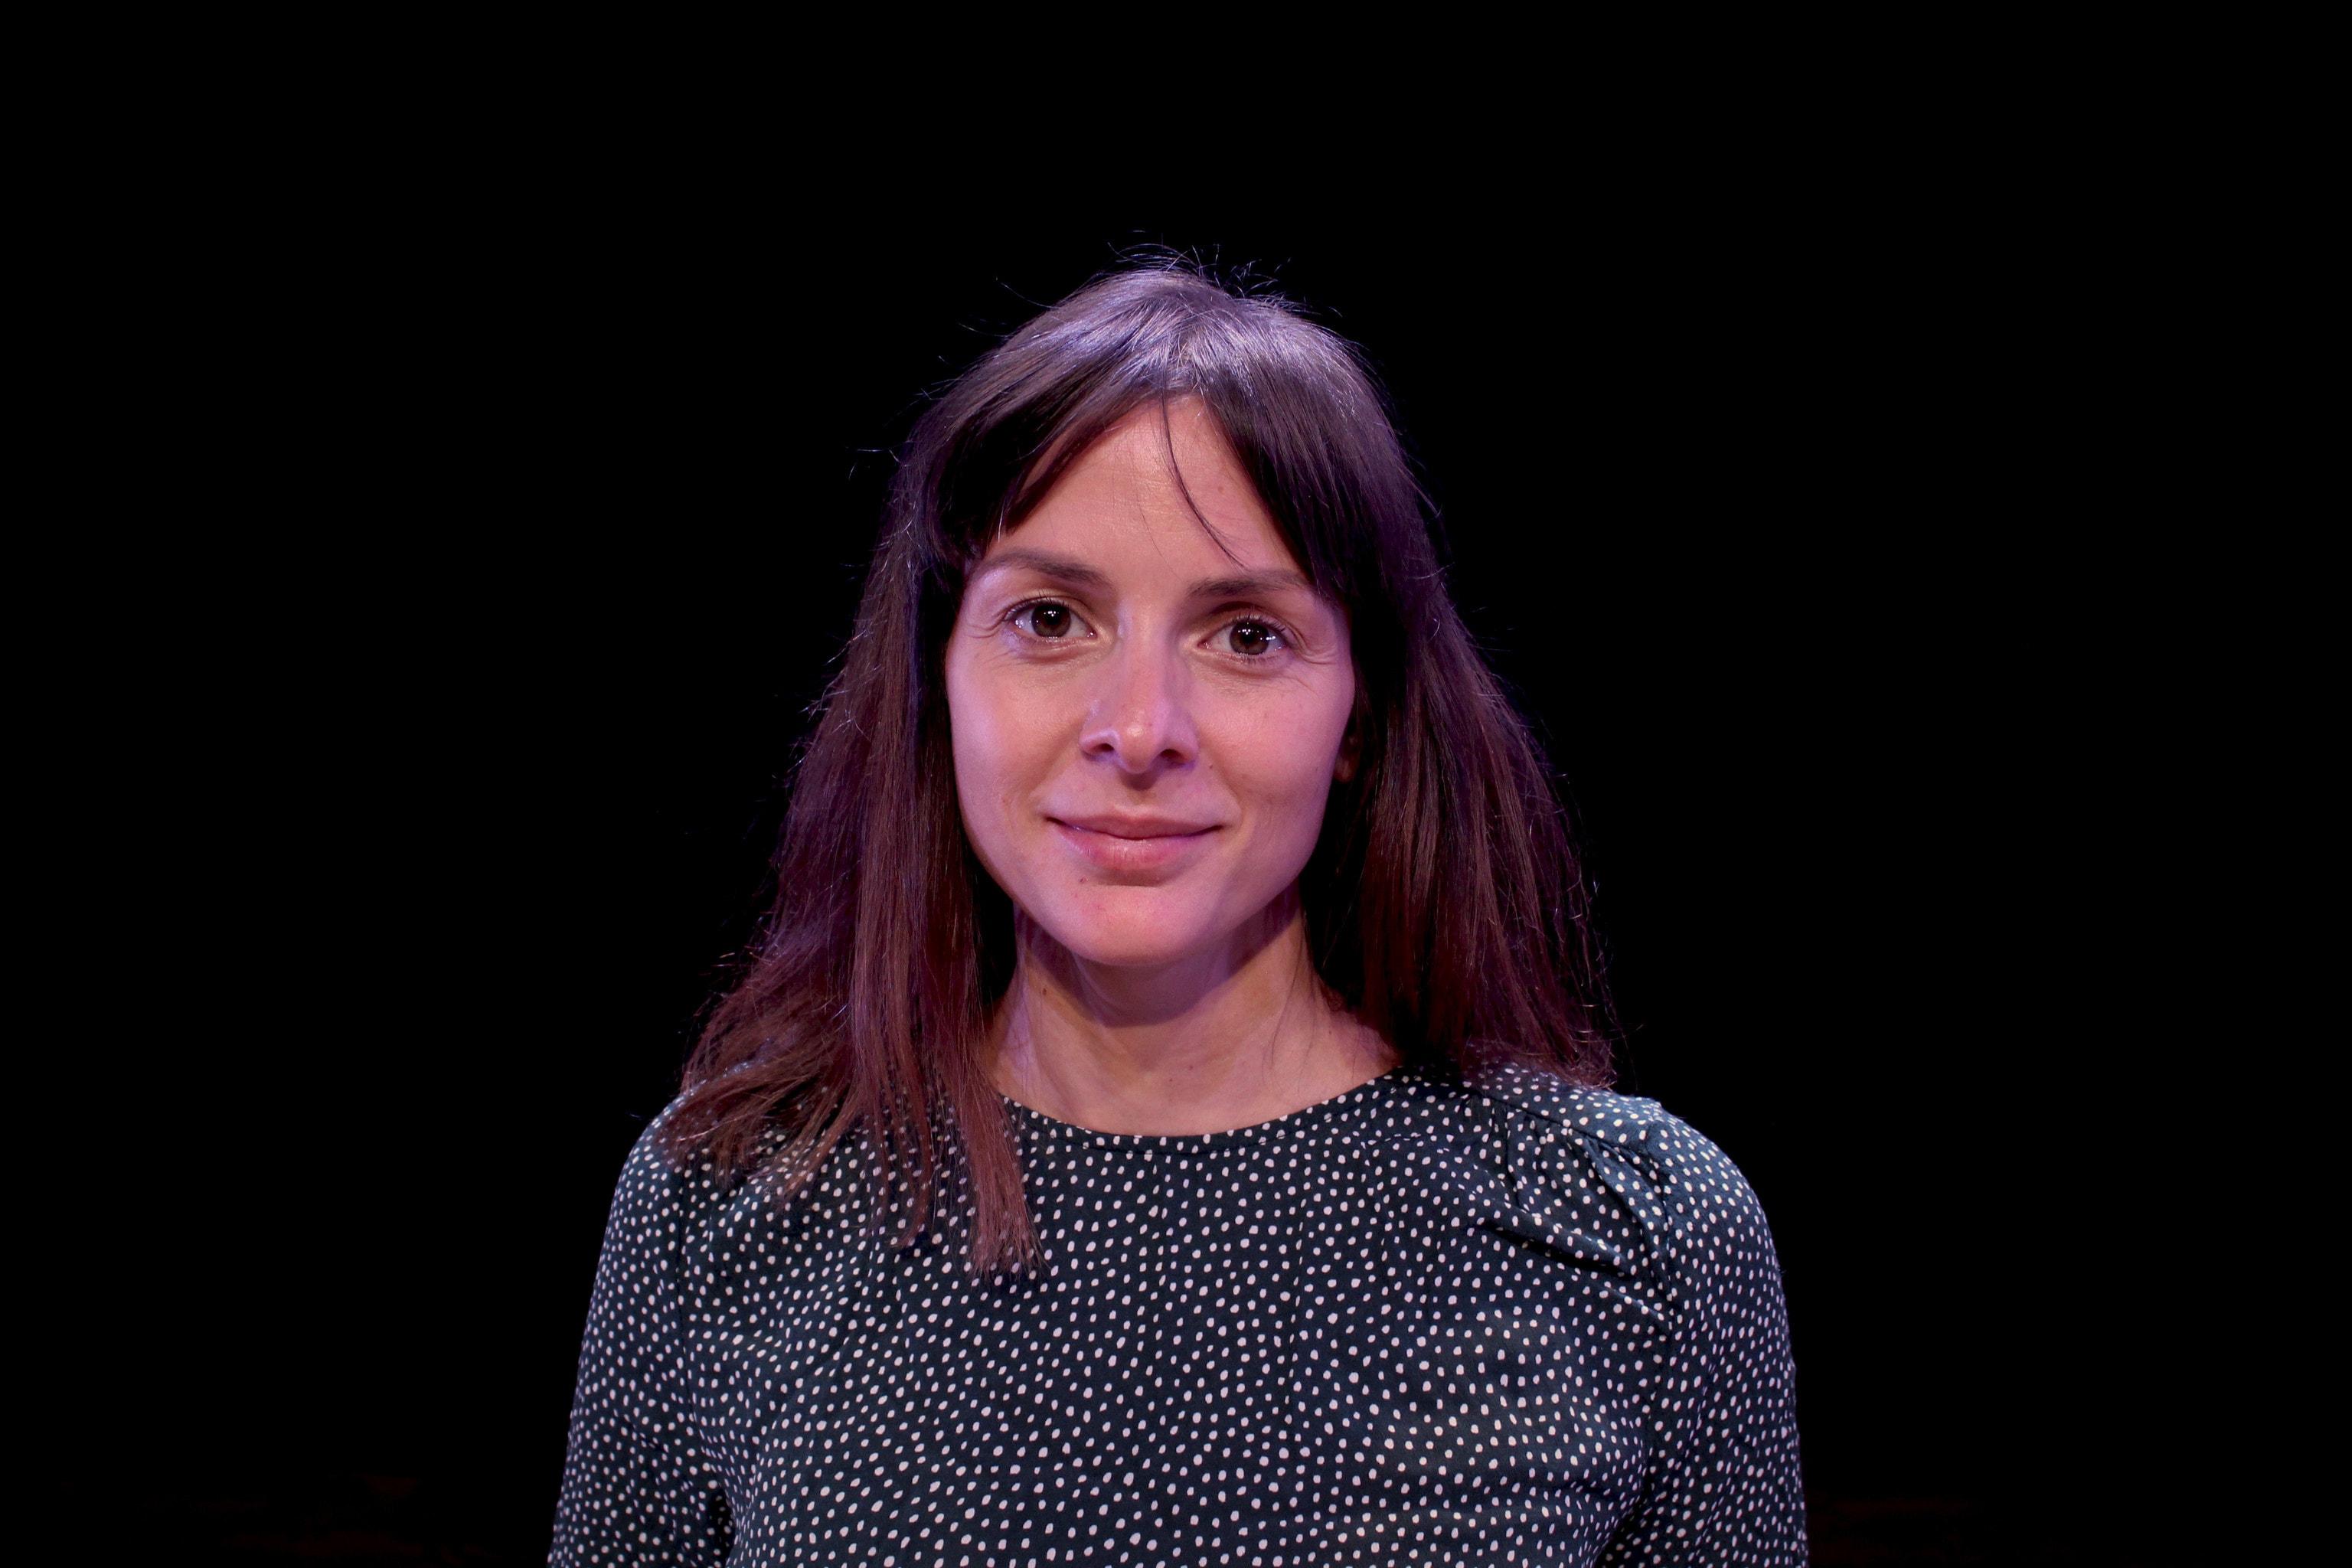 Sabina Heitmann